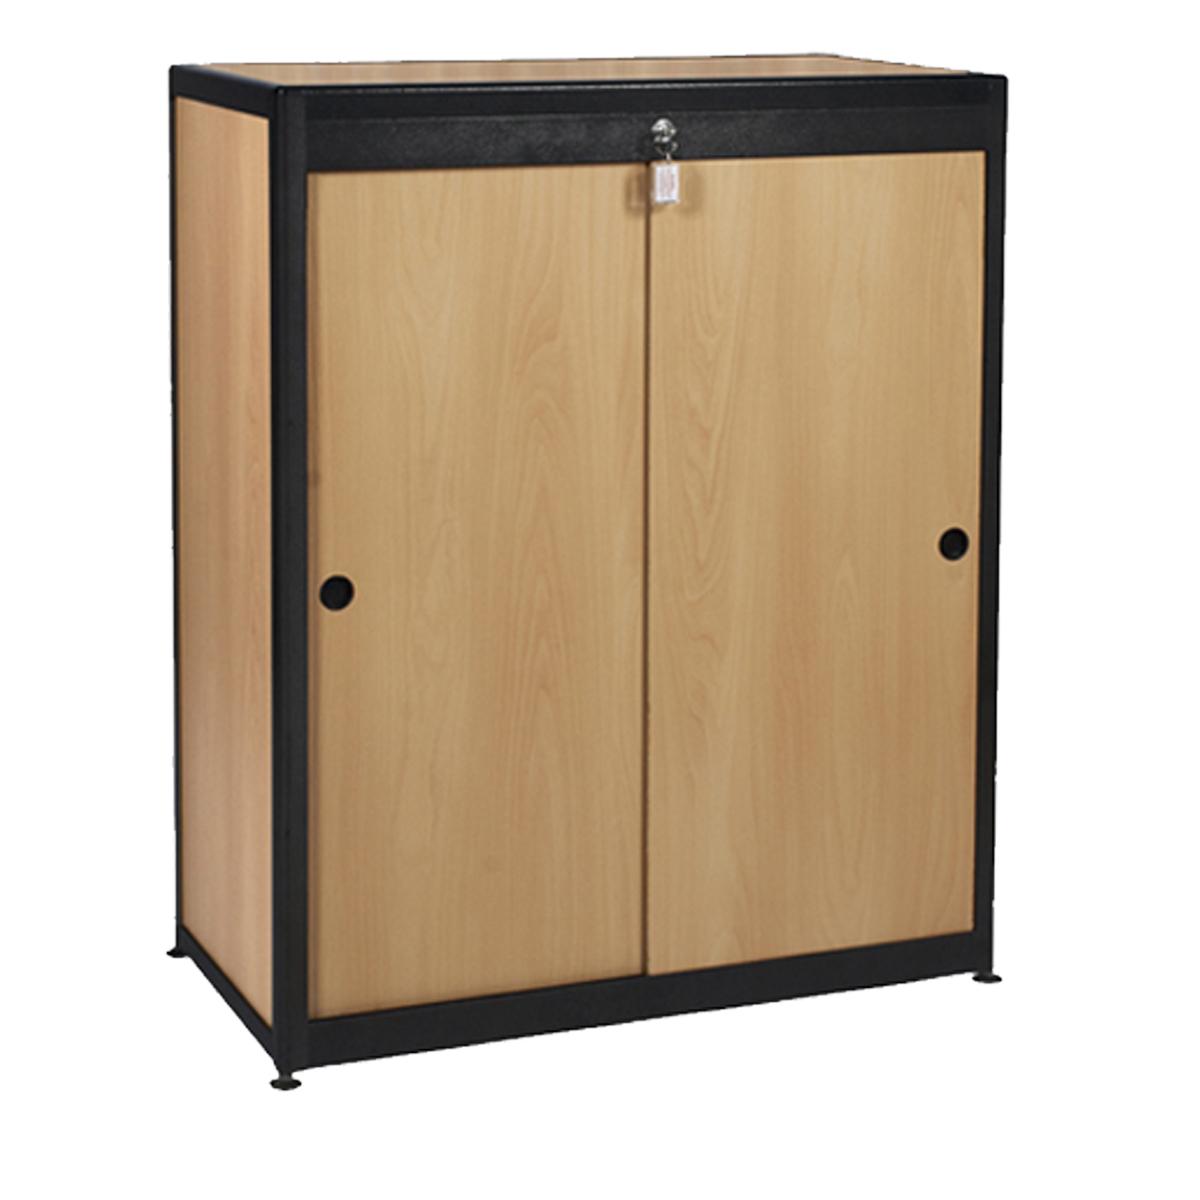 Meuble rangement bois alu noir 90x50x110 internation for Meuble bois noir